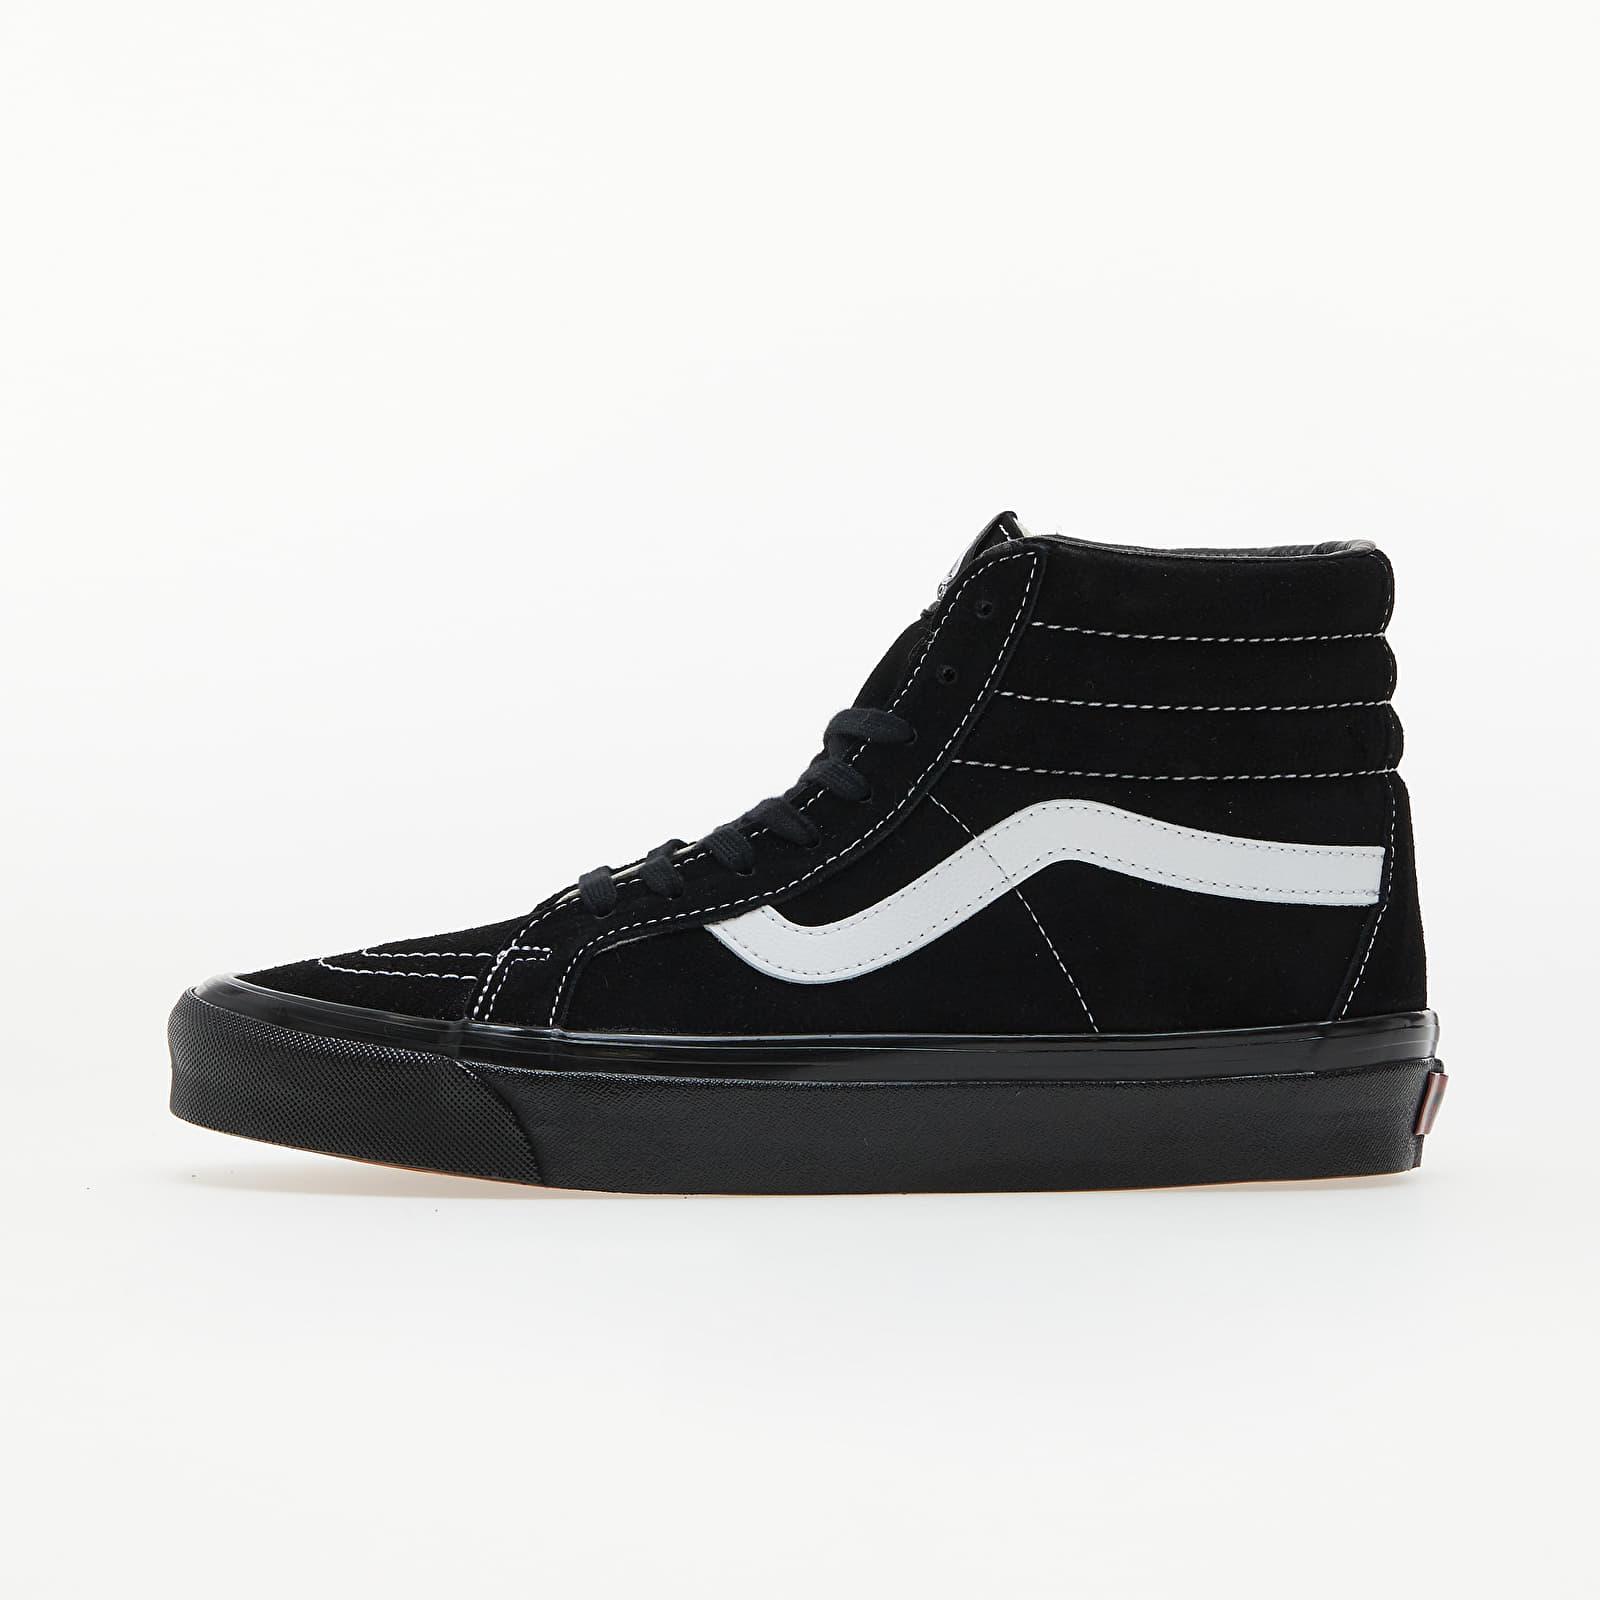 Vans Sk8-Hi 38 DX (Anaheim Factory) Og Black/ White/ Og Black EUR 43